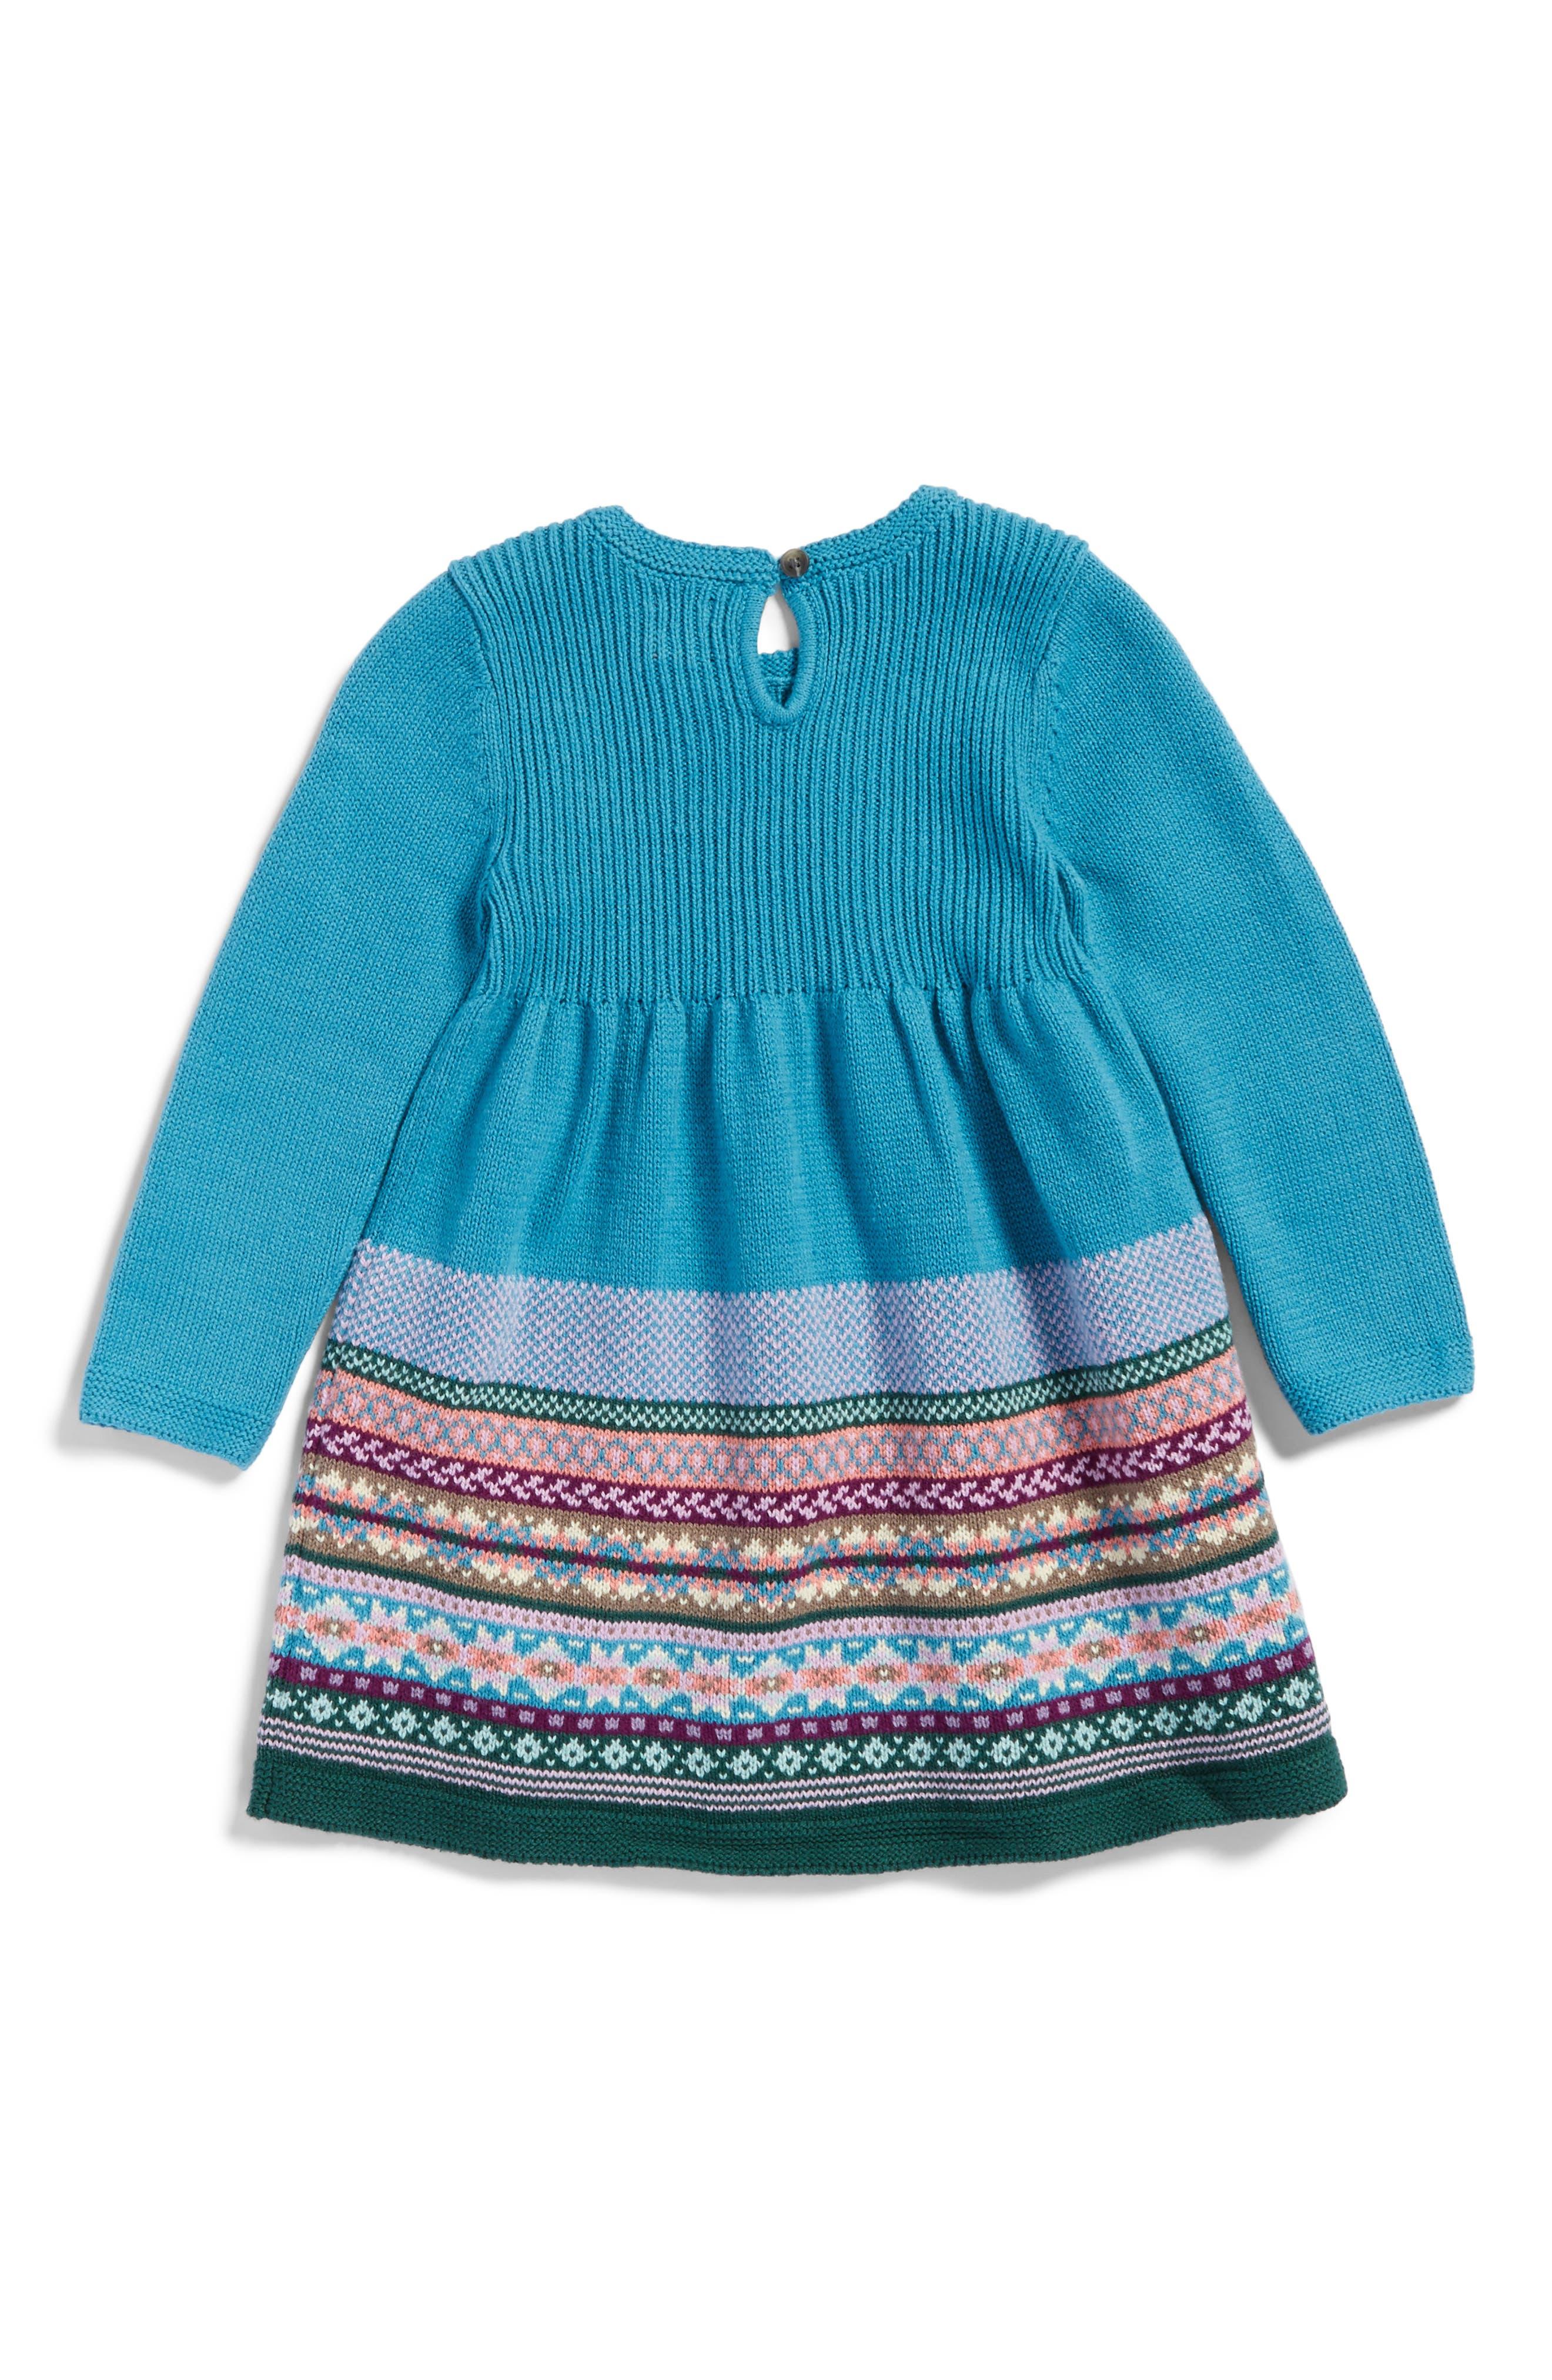 Suzette Sweater Dress,                             Alternate thumbnail 2, color,                             402